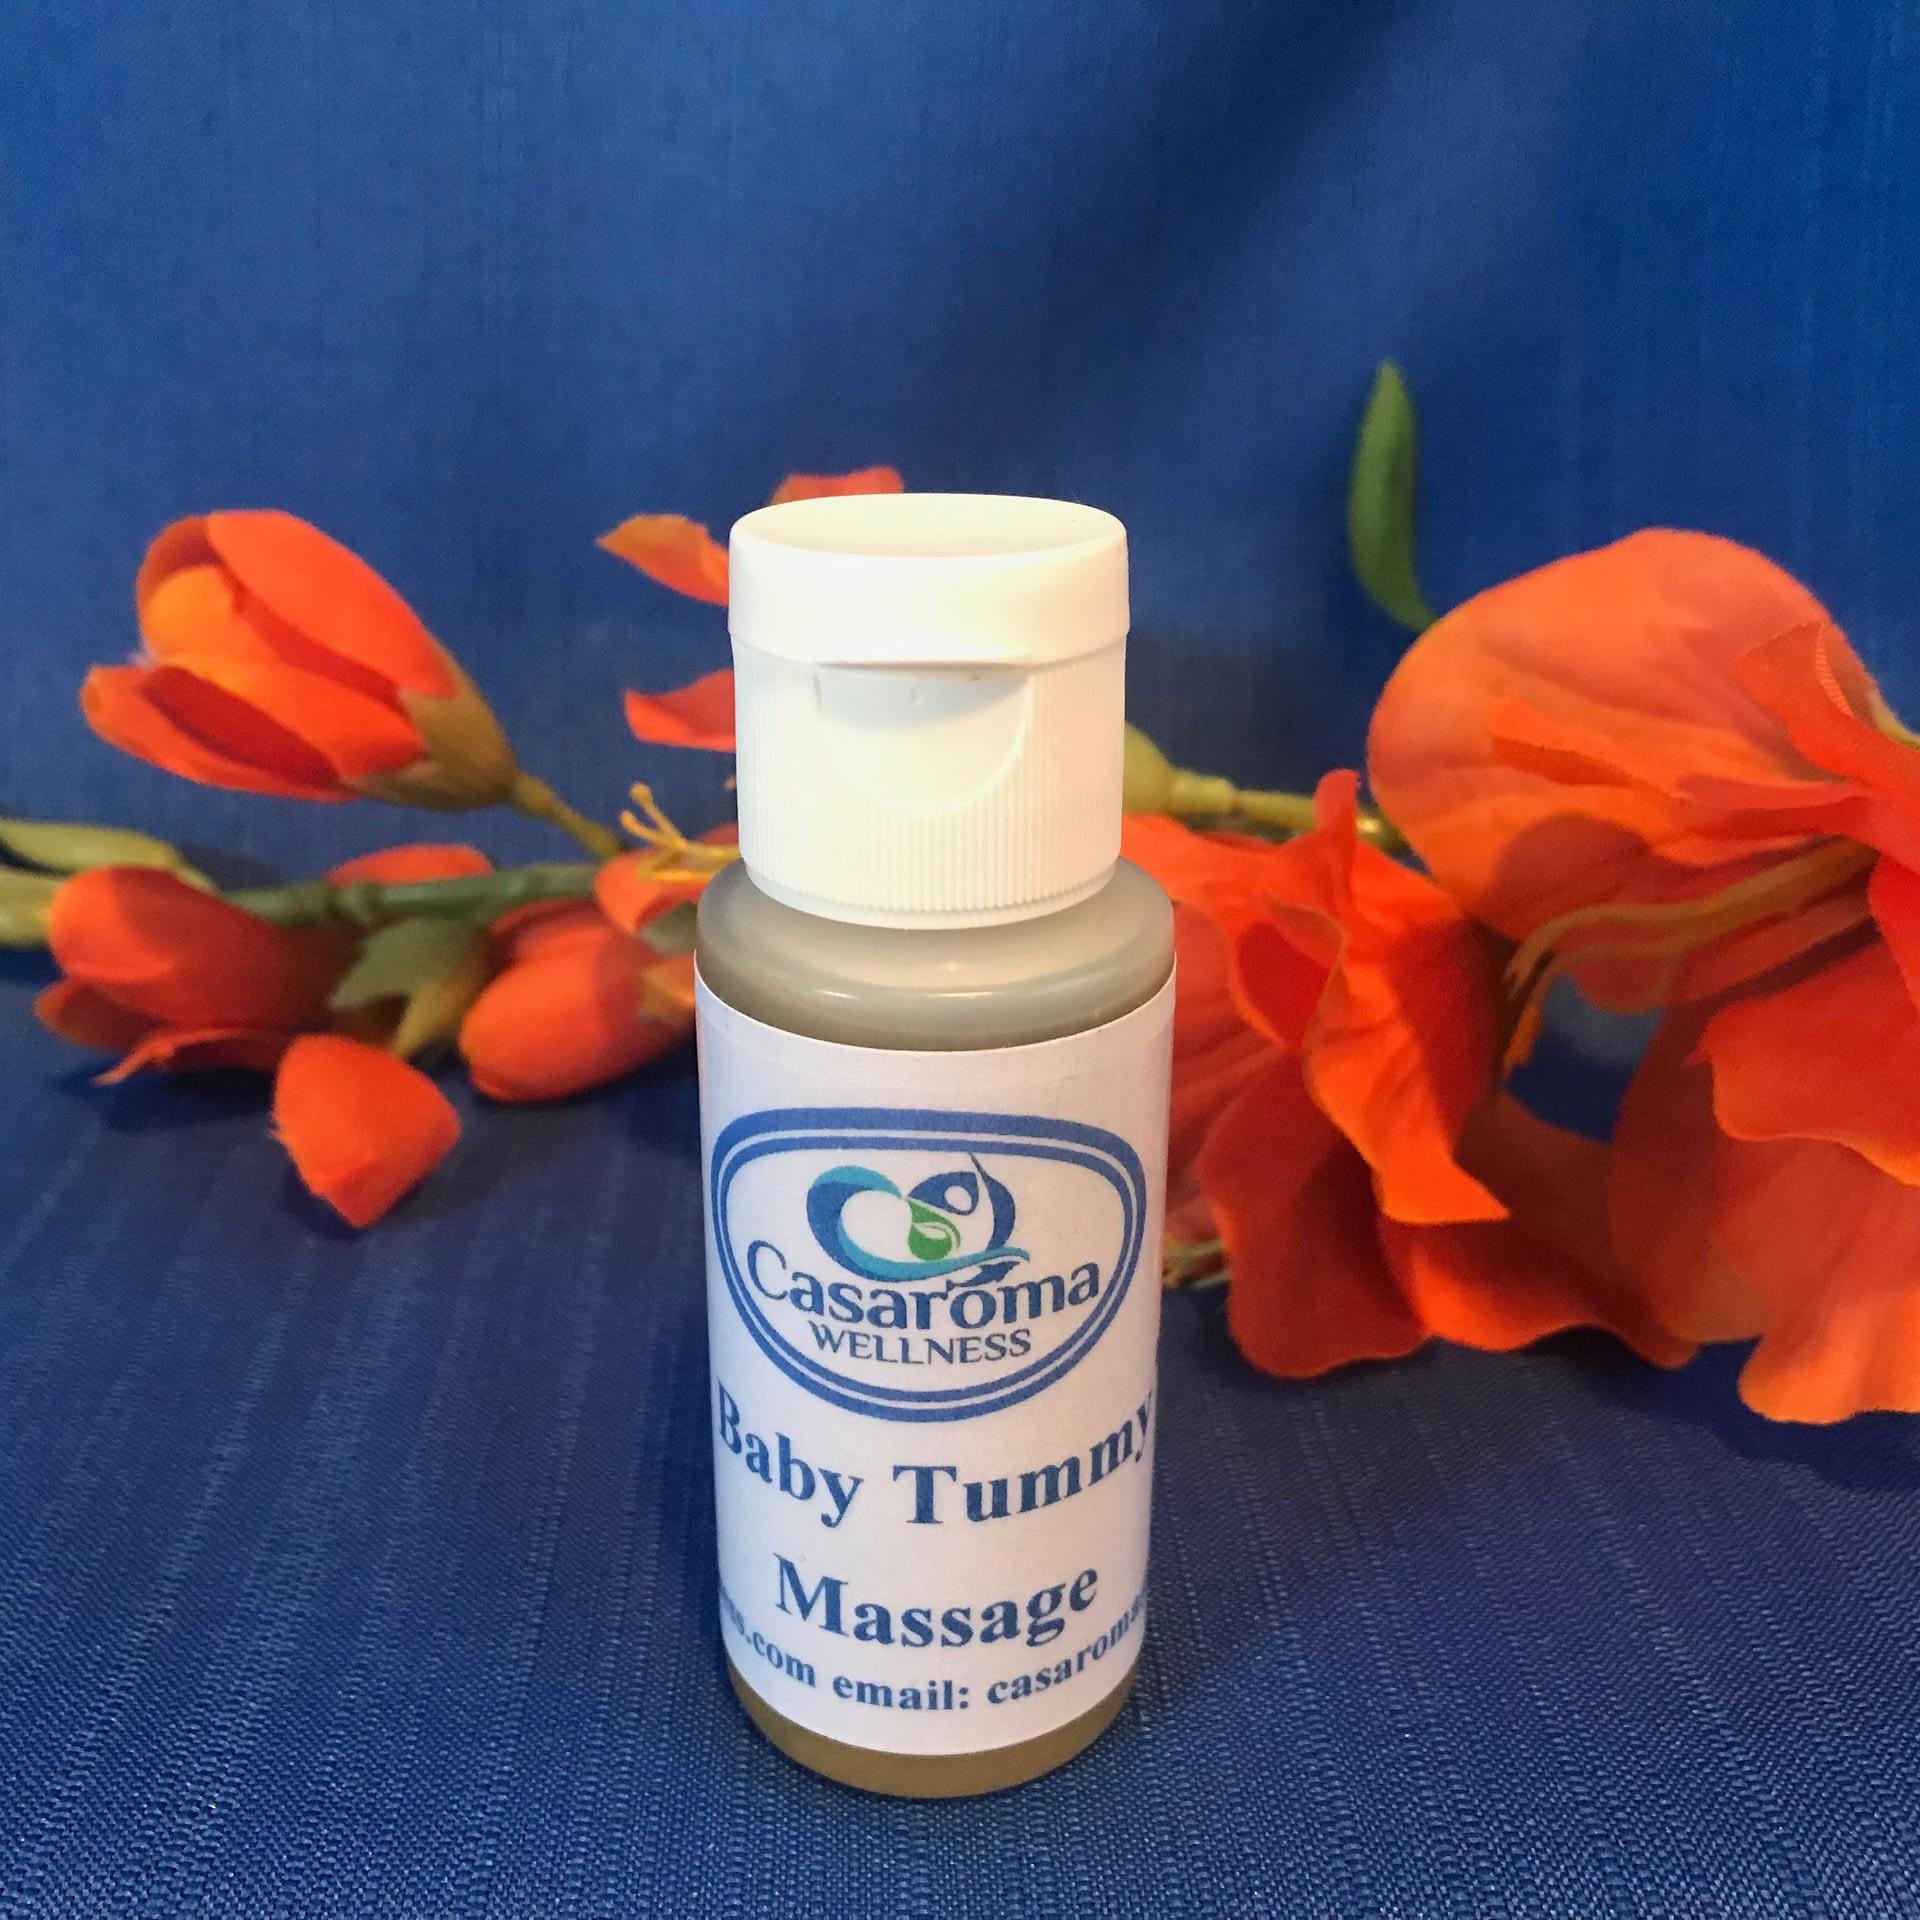 Baby Tummy Massage Oil